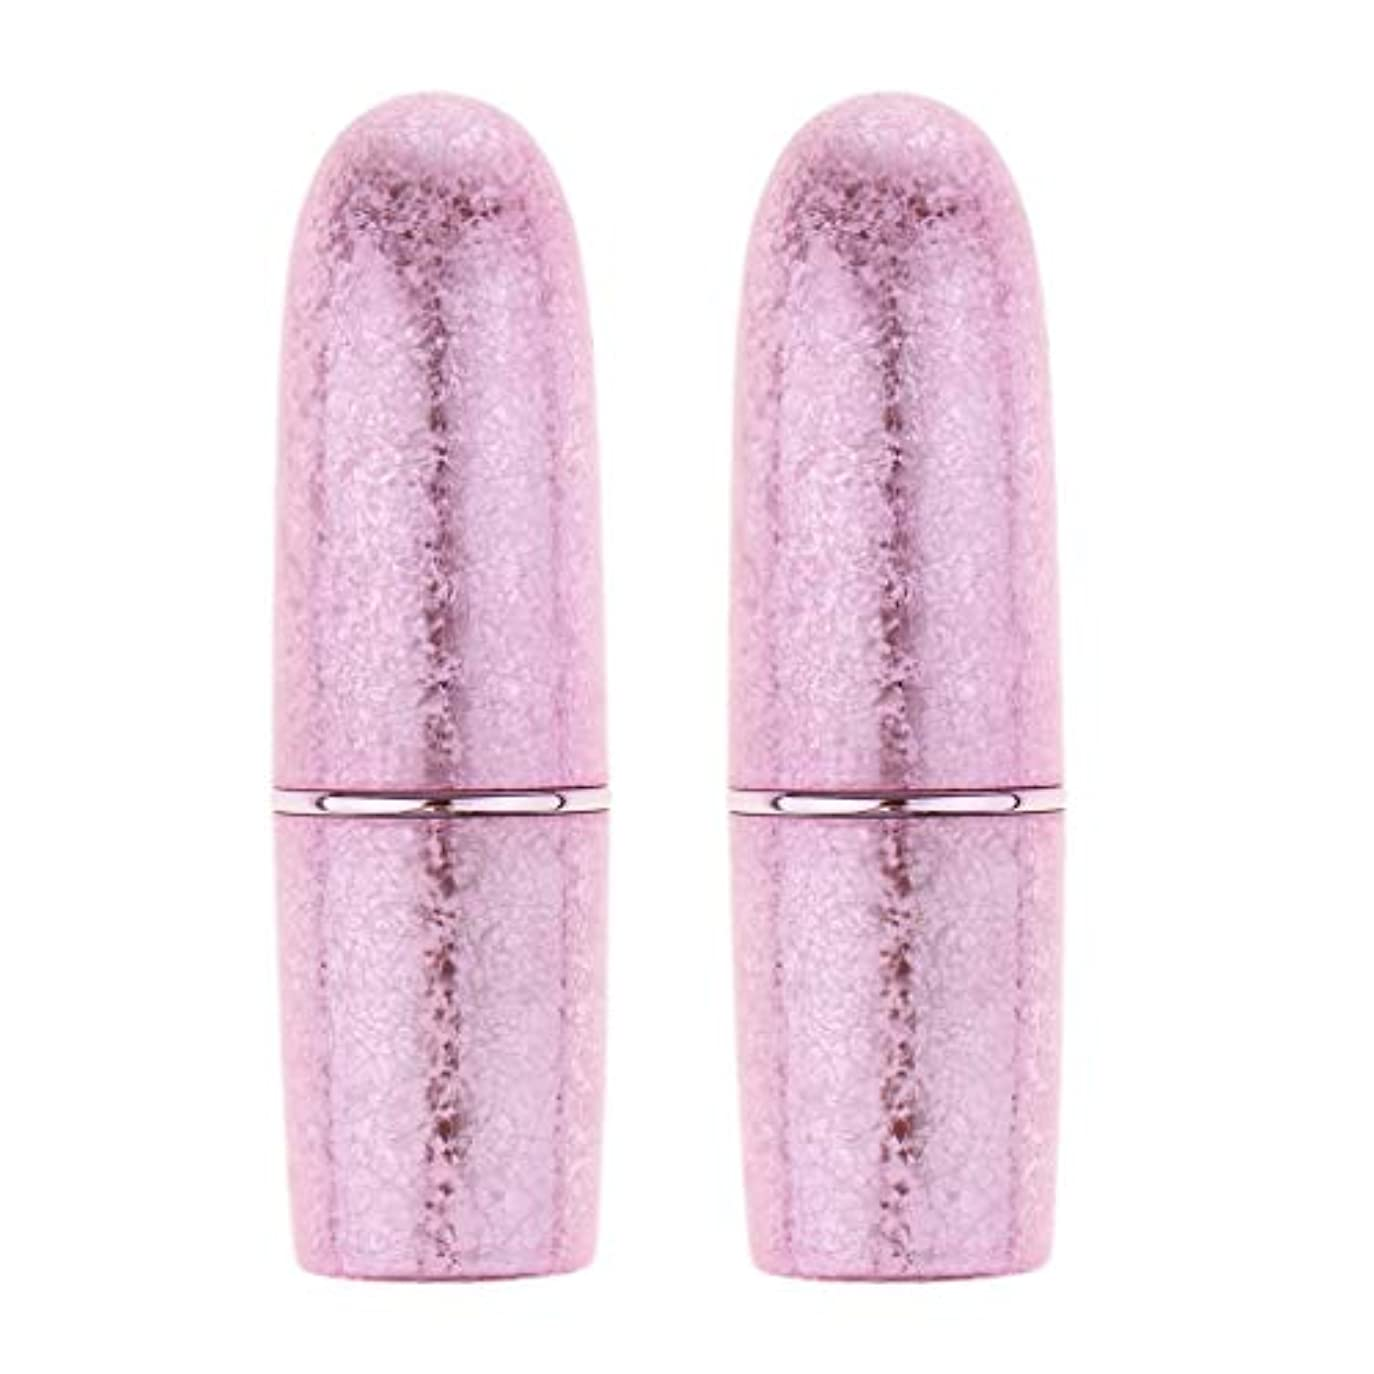 ぬいぐるみフェザー摂氏度perfk 2本 リップスティック 口紅 DIY 空チューブ 手作り メイクアップ 5色選べ  - ピンク